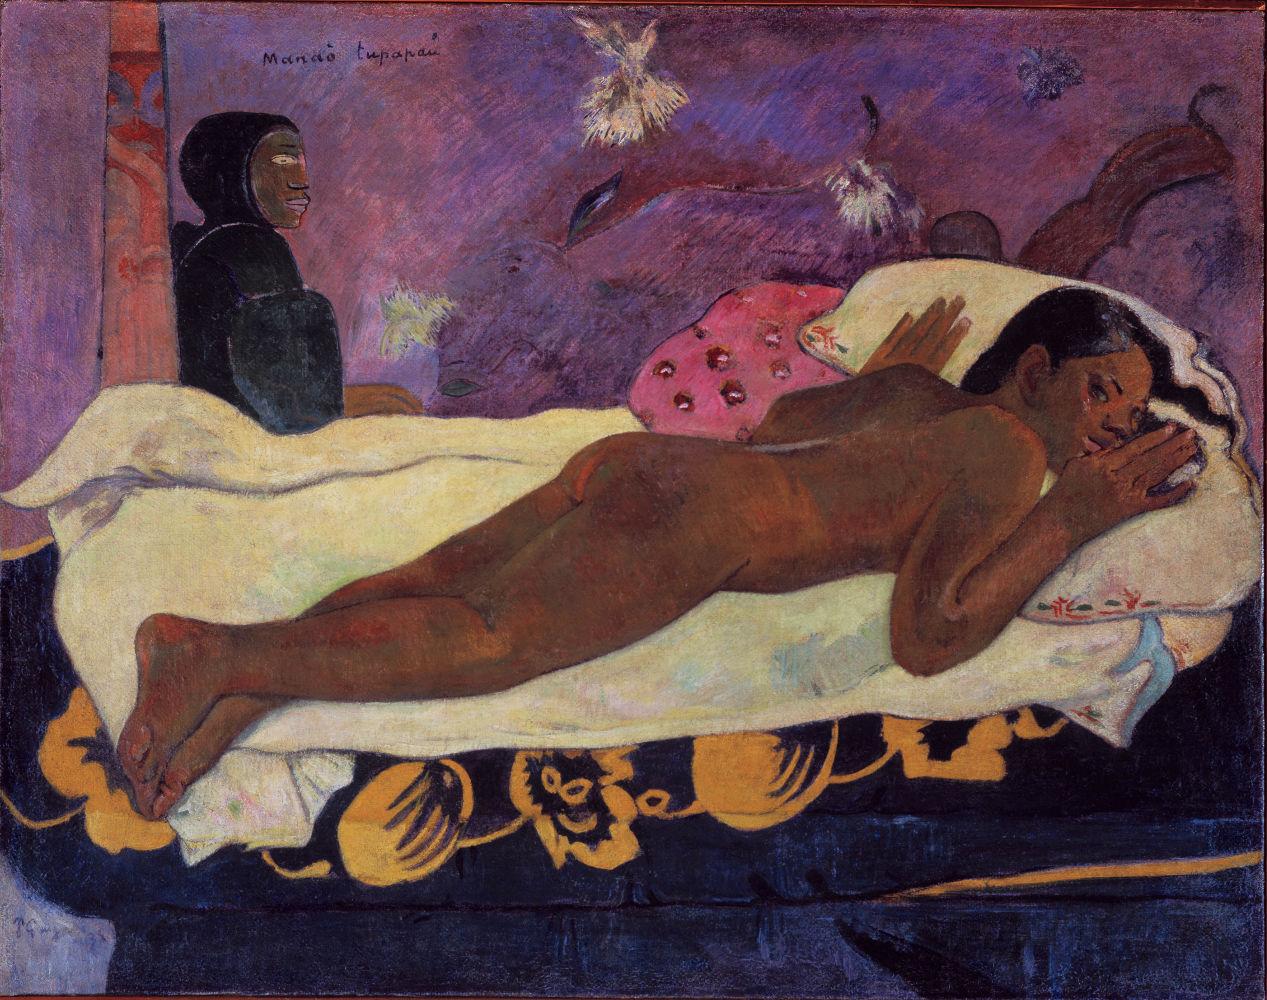 Μανάο Τουπαπάου (Το πνεύμα των νεκρών αγρυπνά, 1892) - Γκαλερί Ολμπράιτ-Νοξ στο Μπάφαλο της Νέας Υόρκης